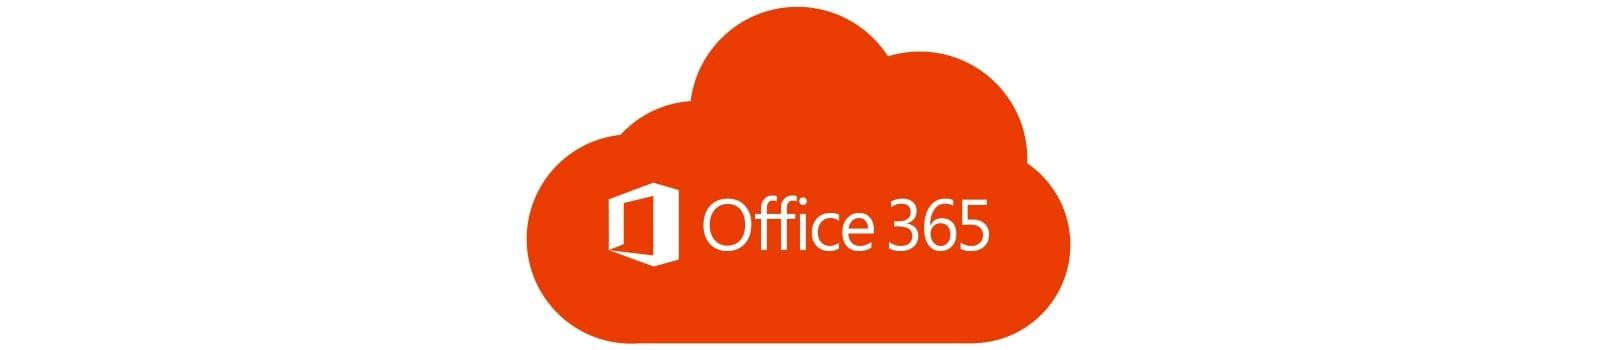 Office 365 cloud logo